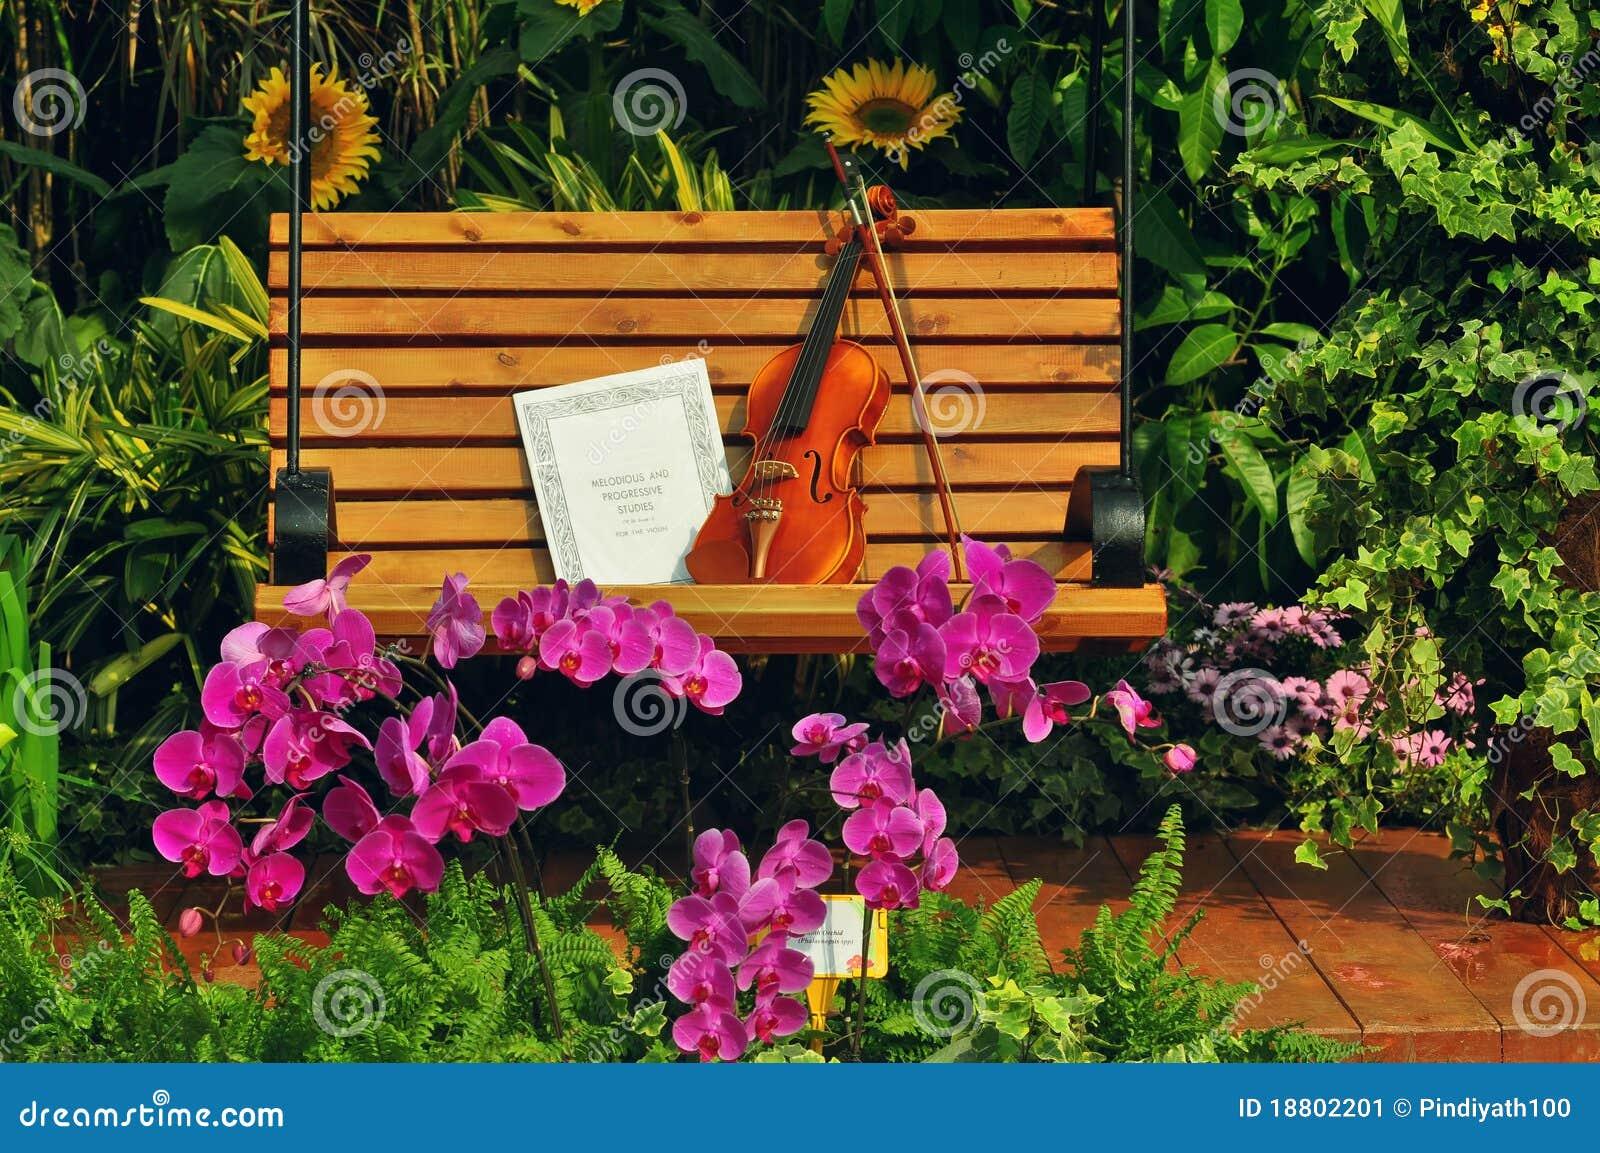 Violino e nota musicale sul banco